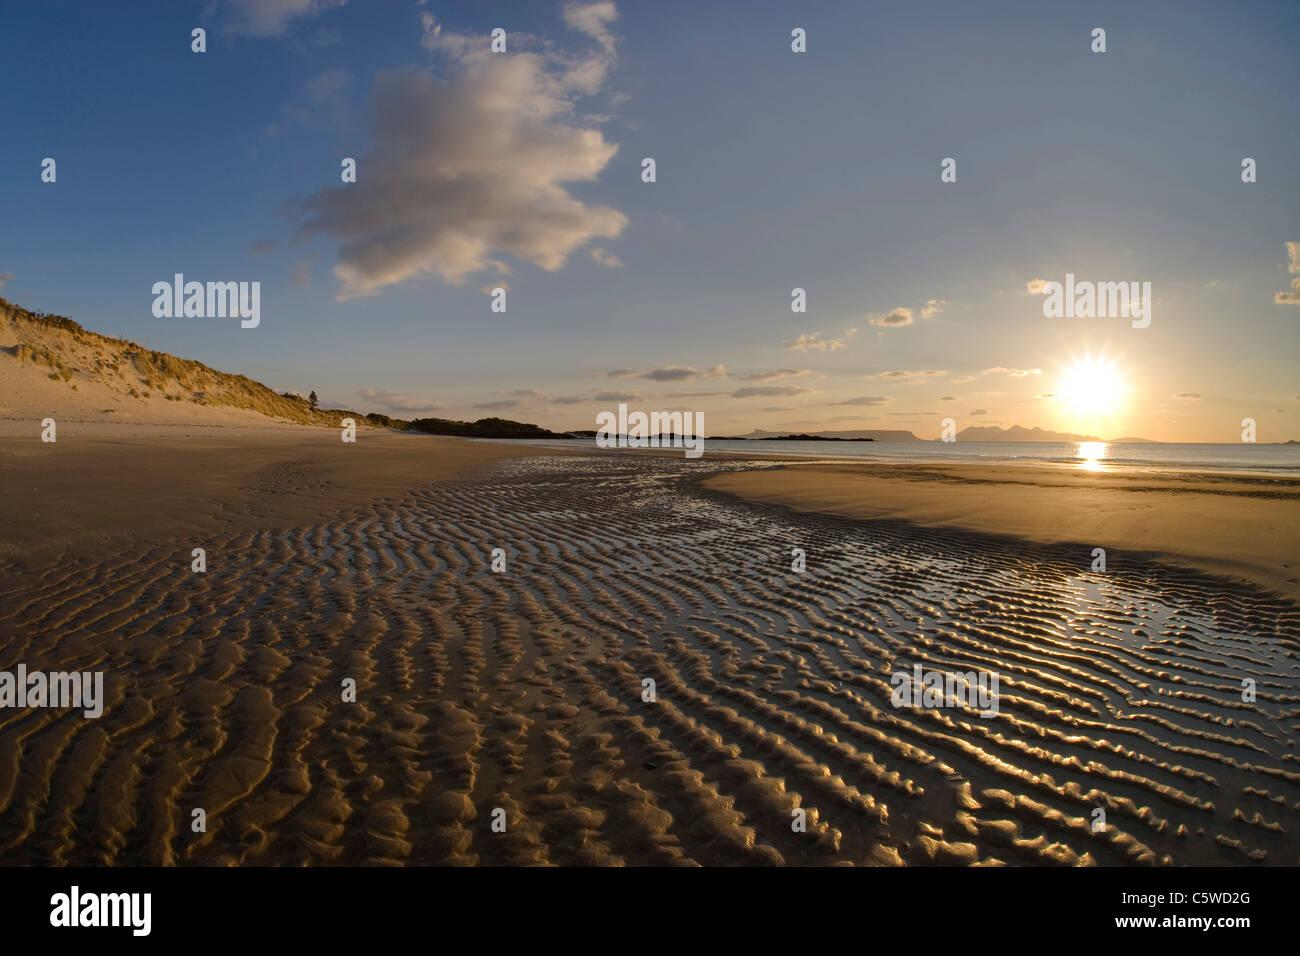 Arisaig Bay au coucher du soleil avec vue sur l'île de Rum, au nord-ouest de l'Écosse, Grande Photo Stock